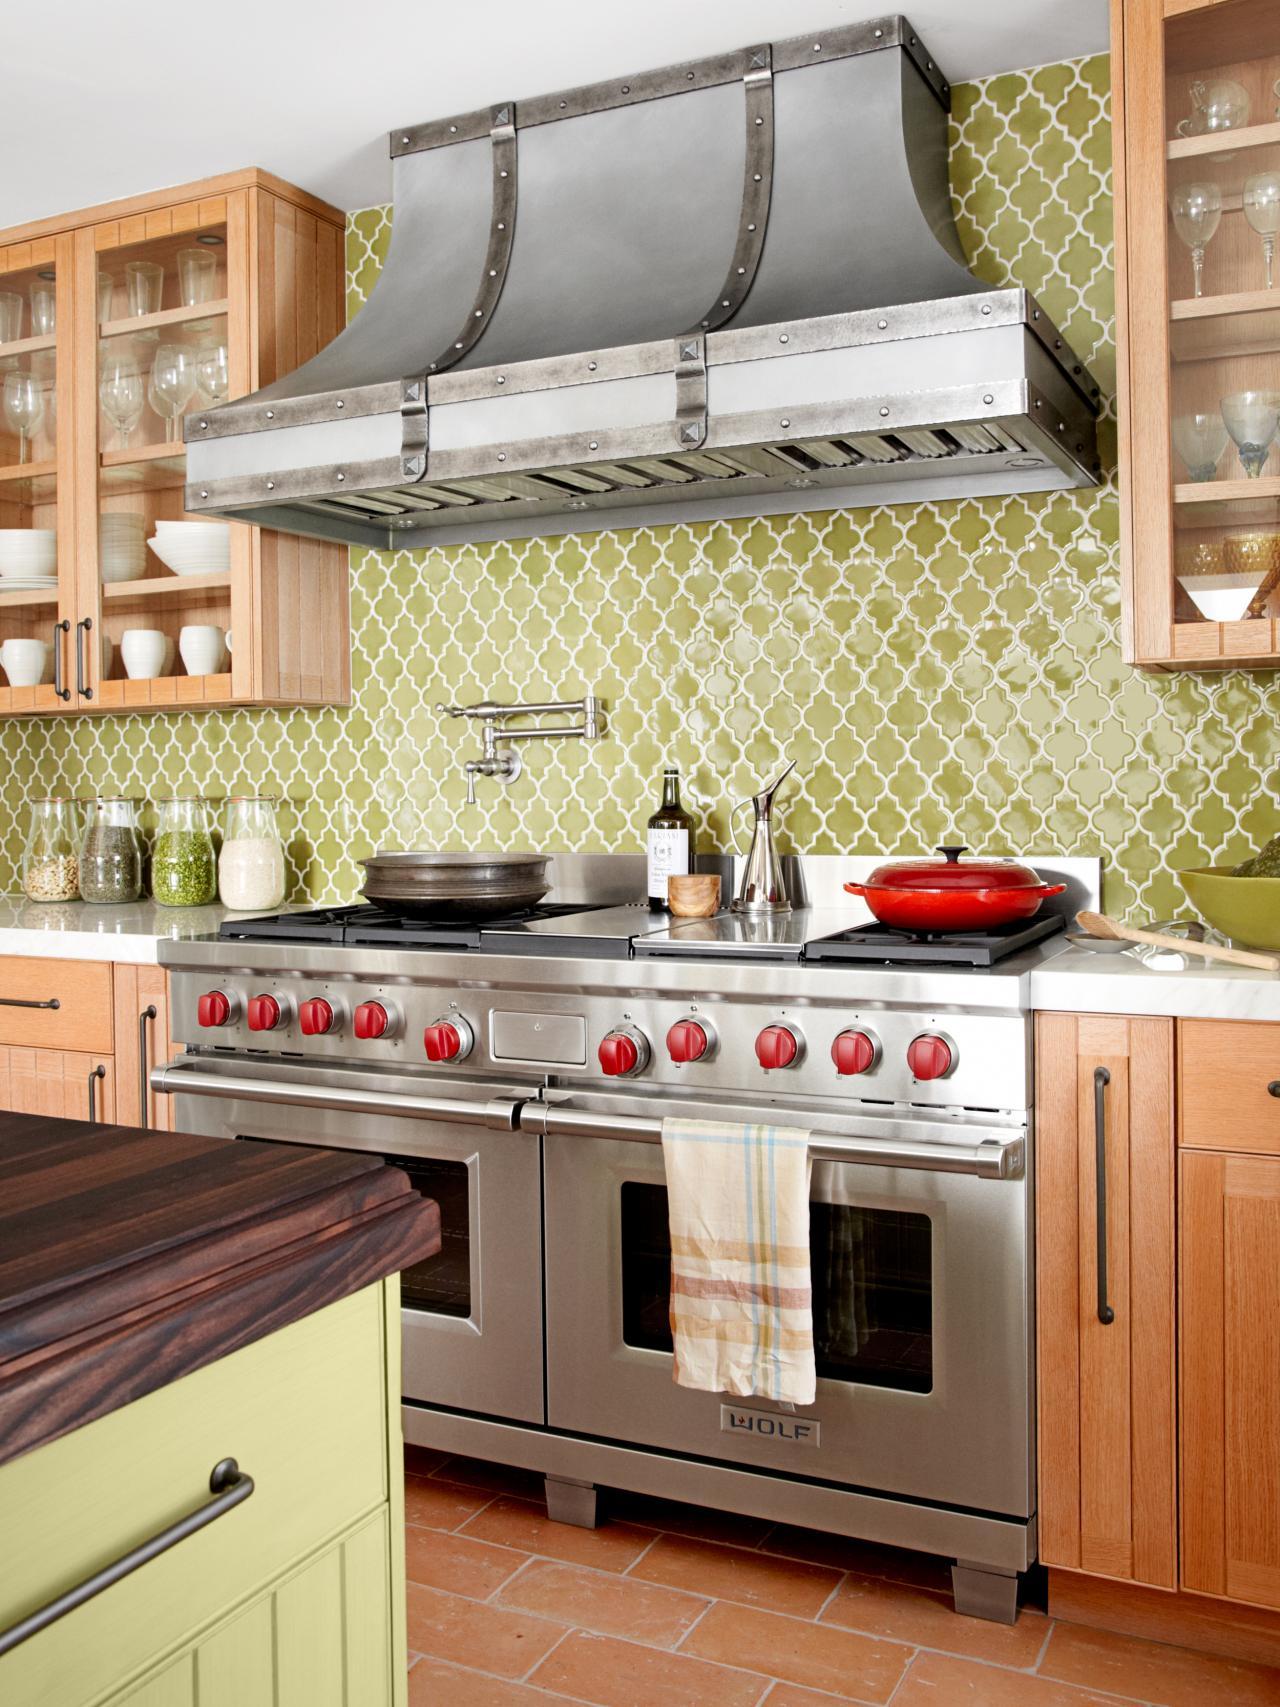 Best Kitchen Backsplash Designs